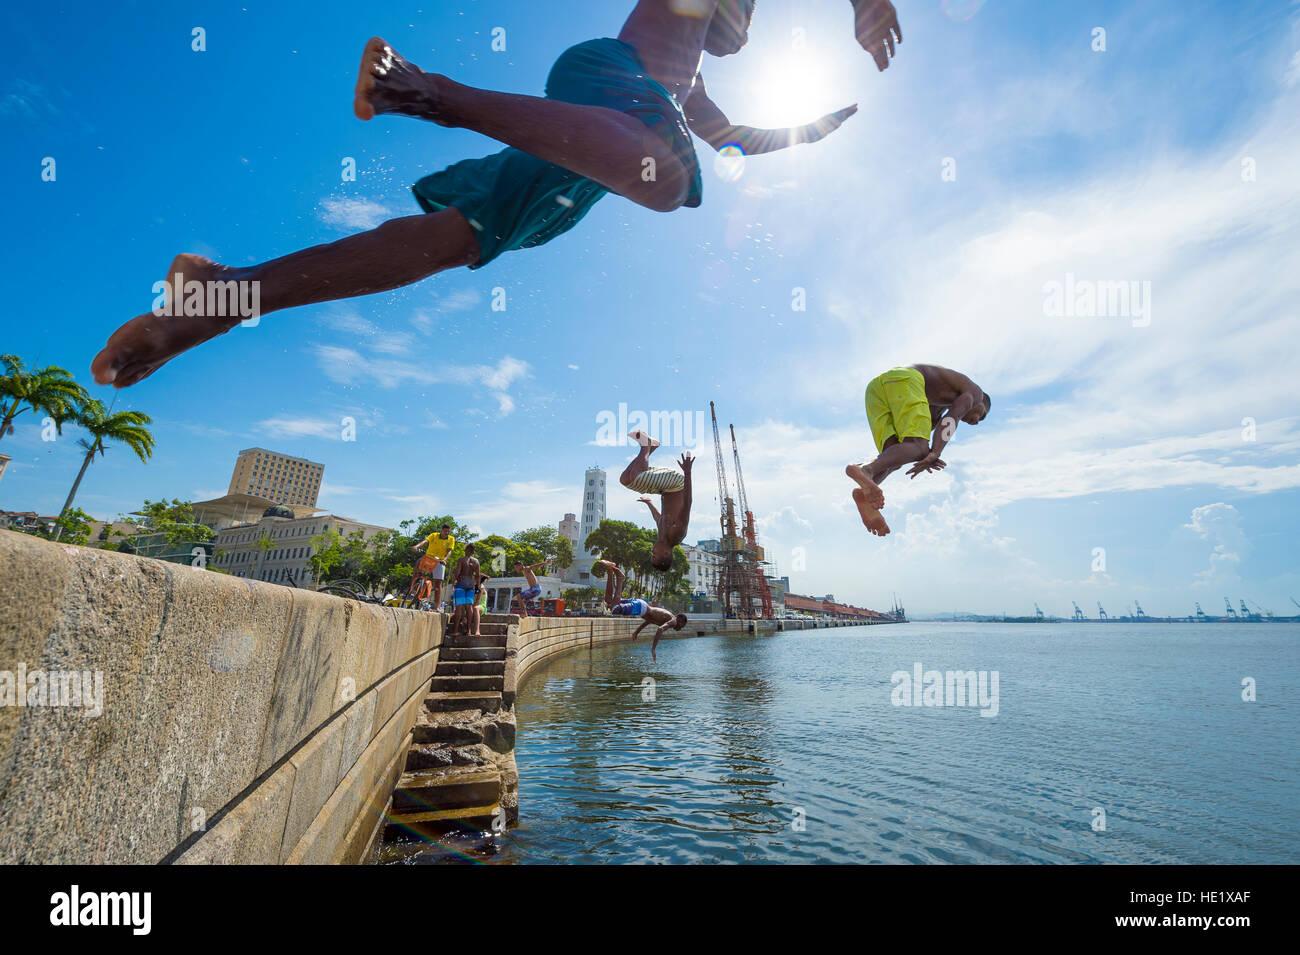 RIO DE JANEIRO - Febbraio 25, 2016: i giovani brasiliani salto nella baia di Guanabara dalla parete di Maua Plaza Immagini Stock